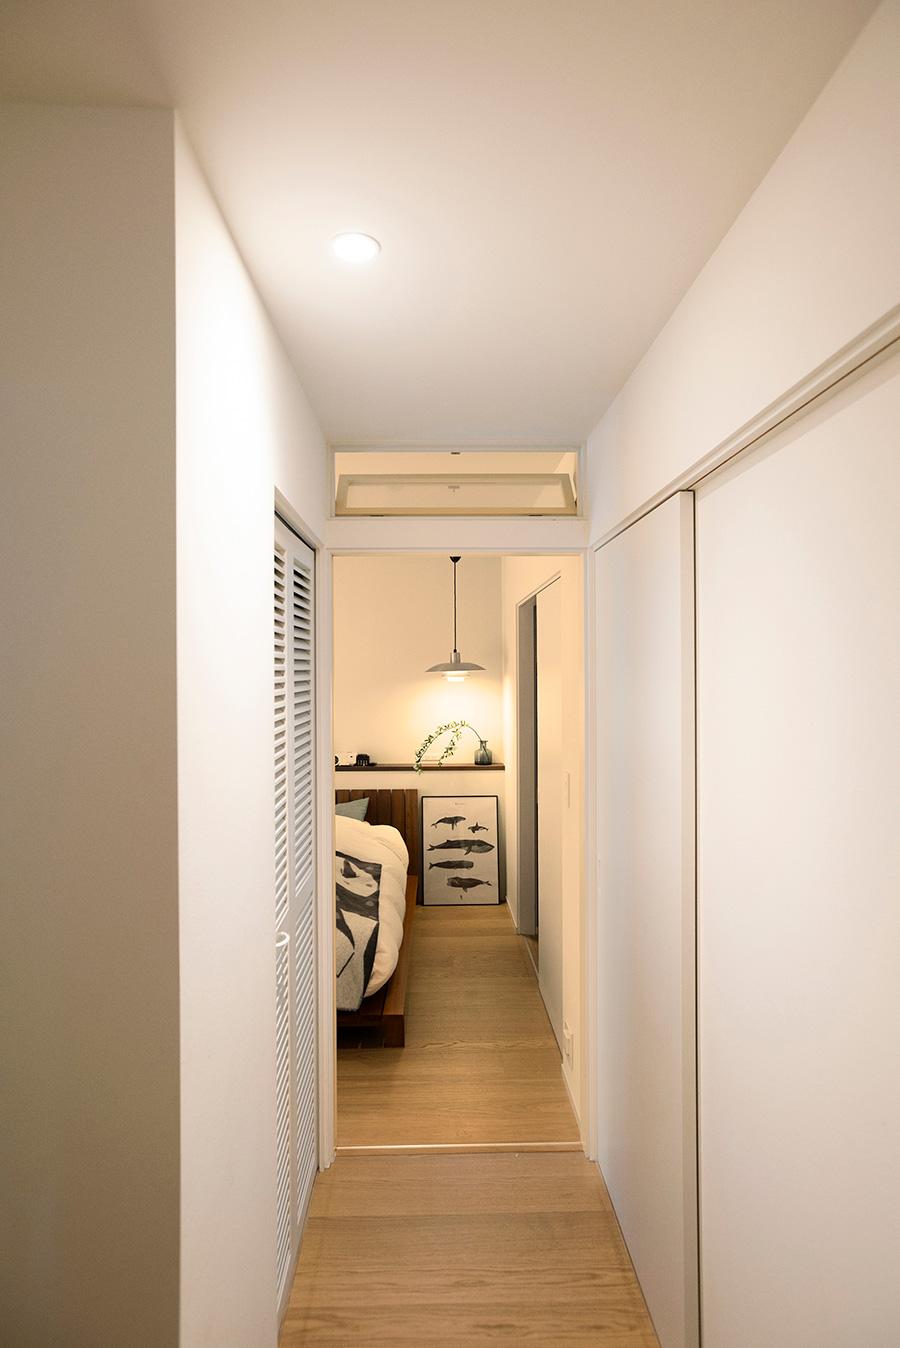 廊下のダウンライトは壁に寄せてつけ、壁を照らすことで陰影を生んでいる。